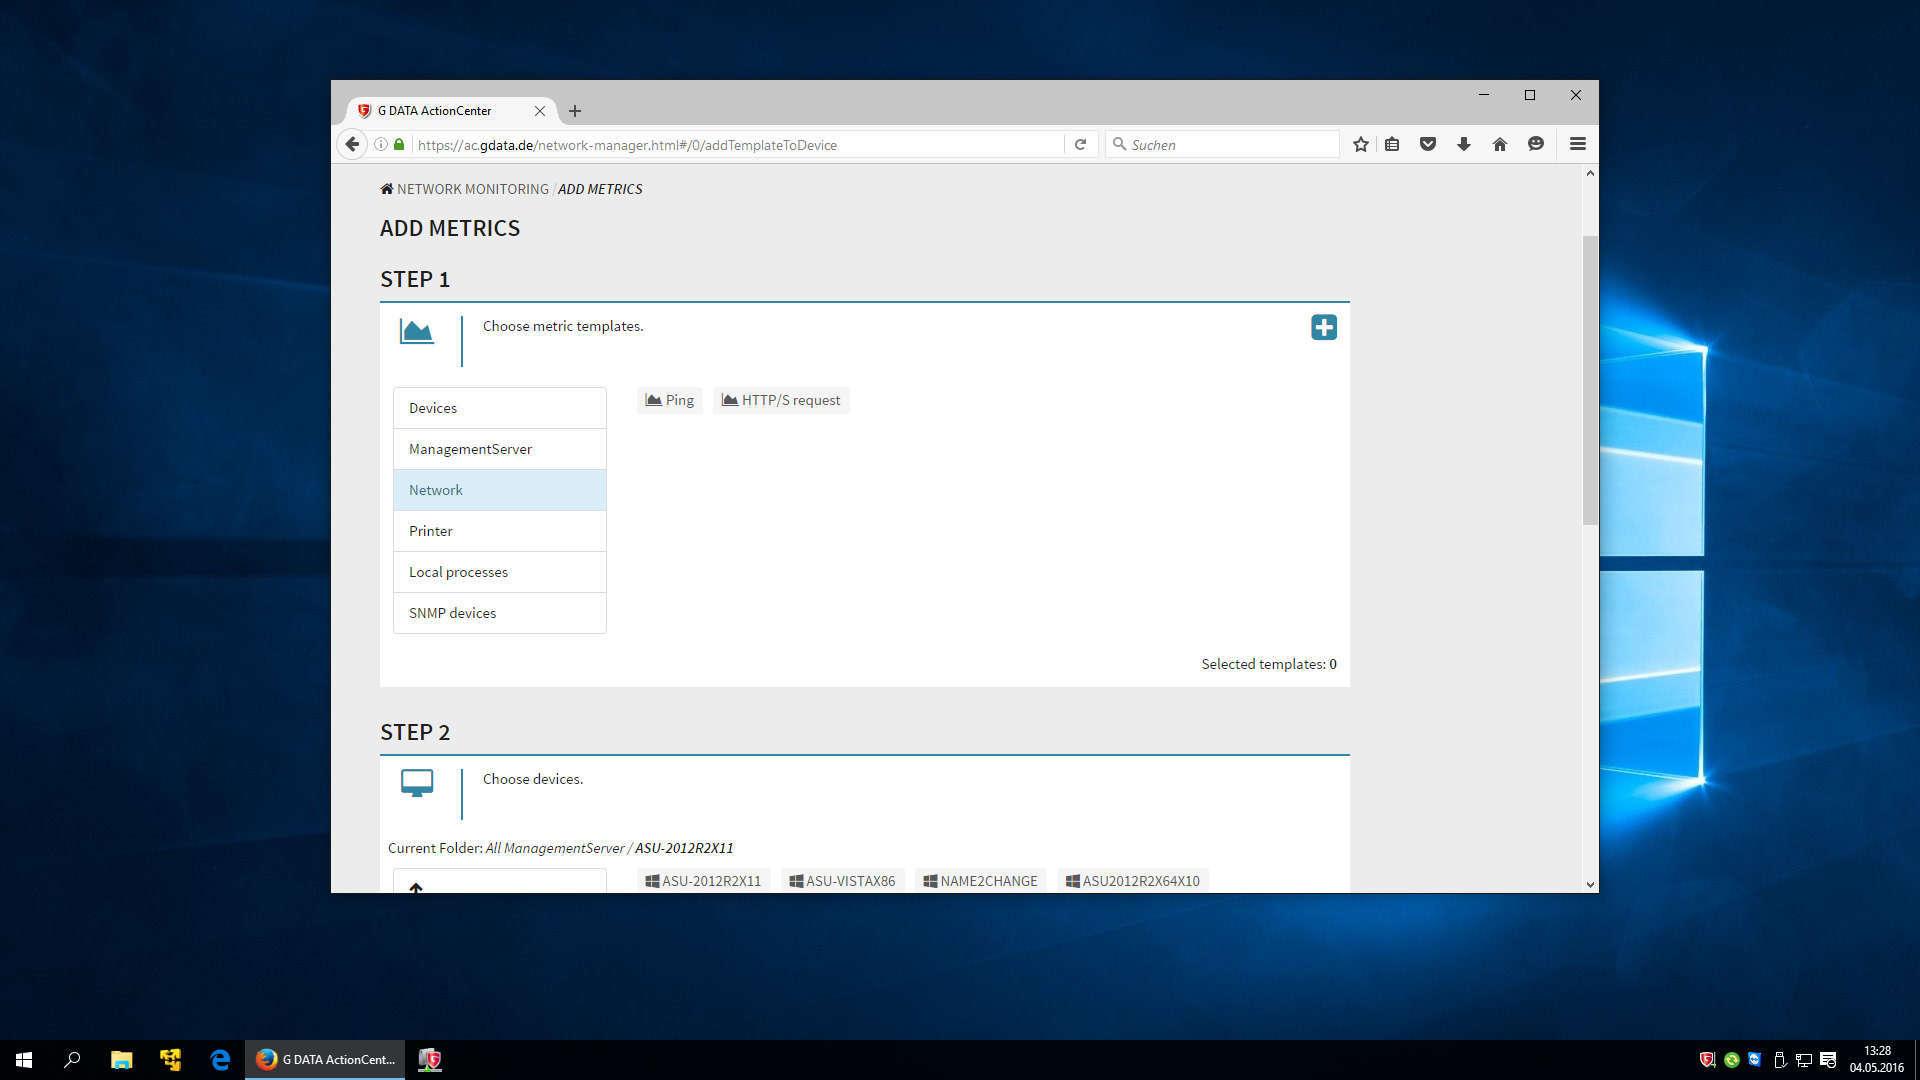 G_DATA_Screenshot_ActionCenter_add_metrics